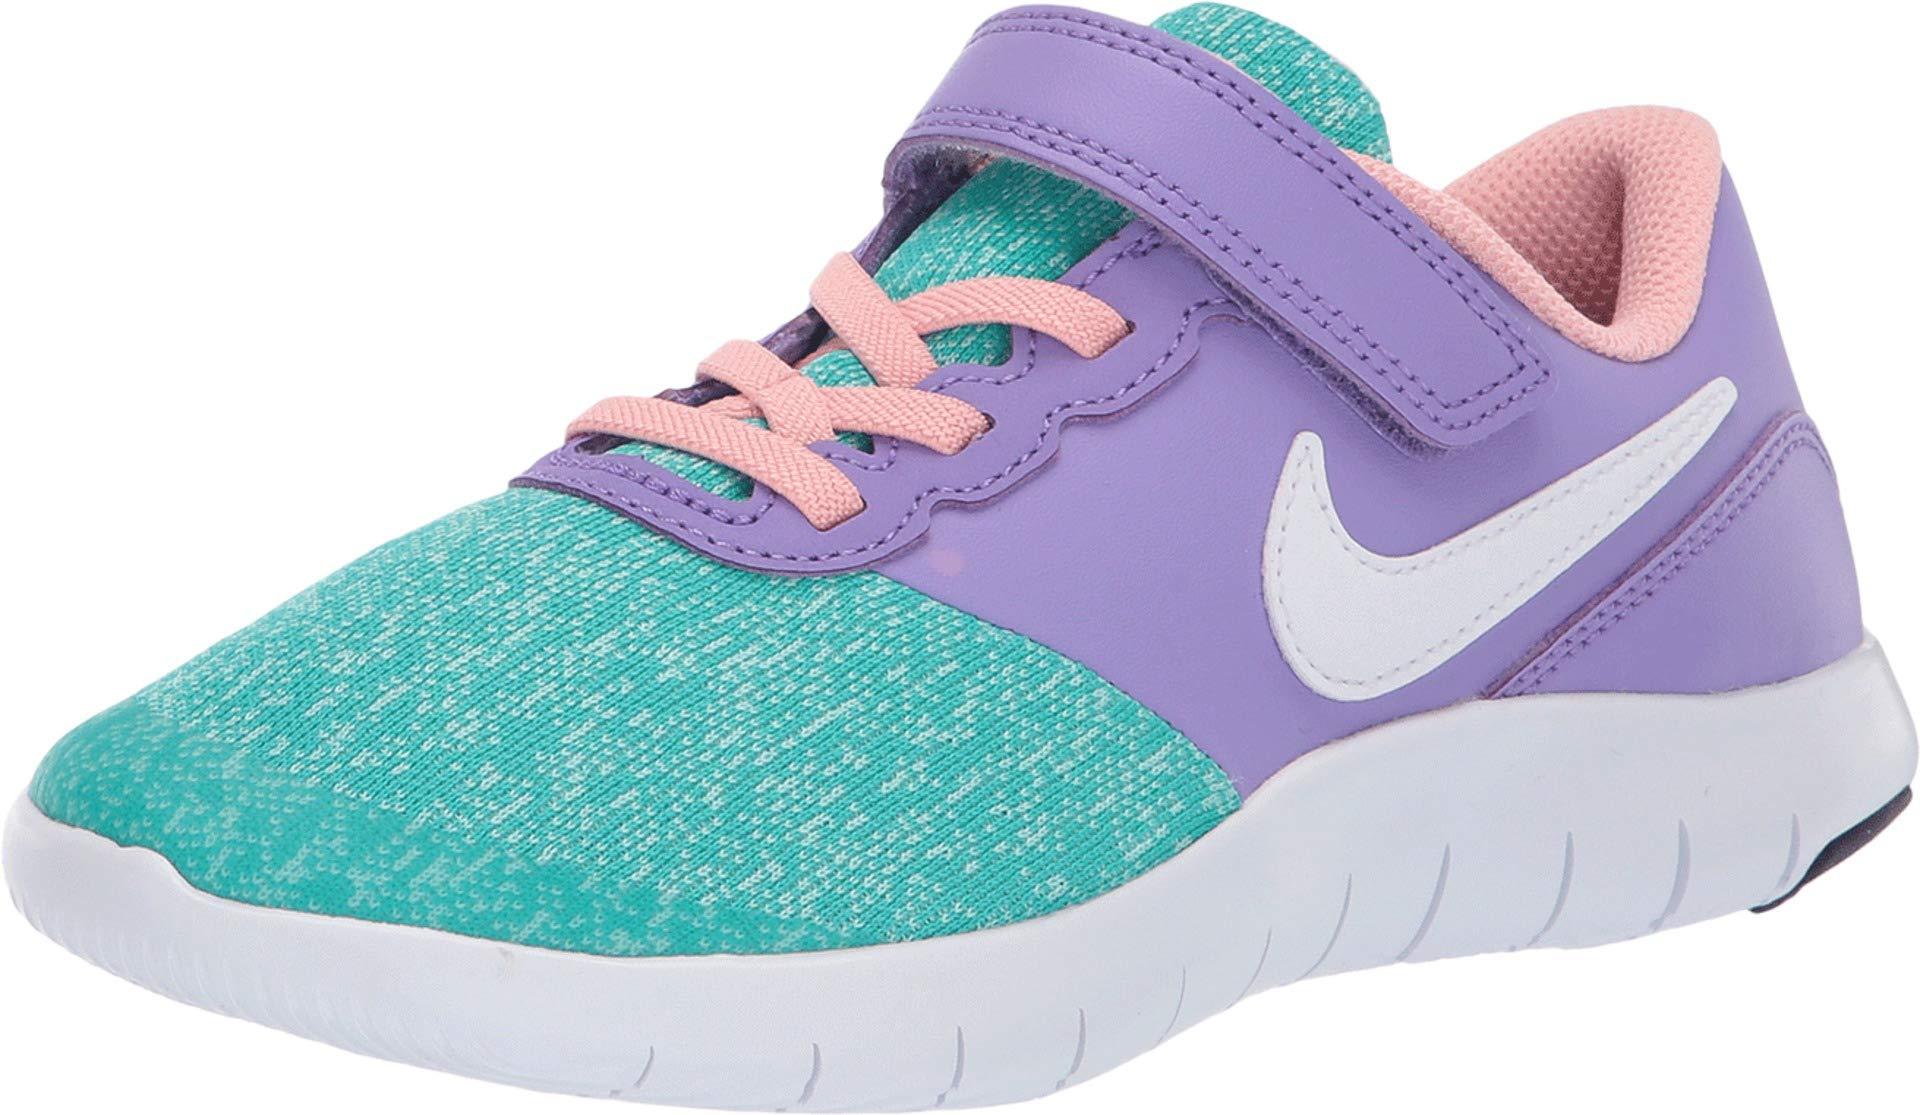 Nike Kids Girl's Flex Contact (Little Kid) Space Purple/White/Hyper Jade 1 M US Little Kid